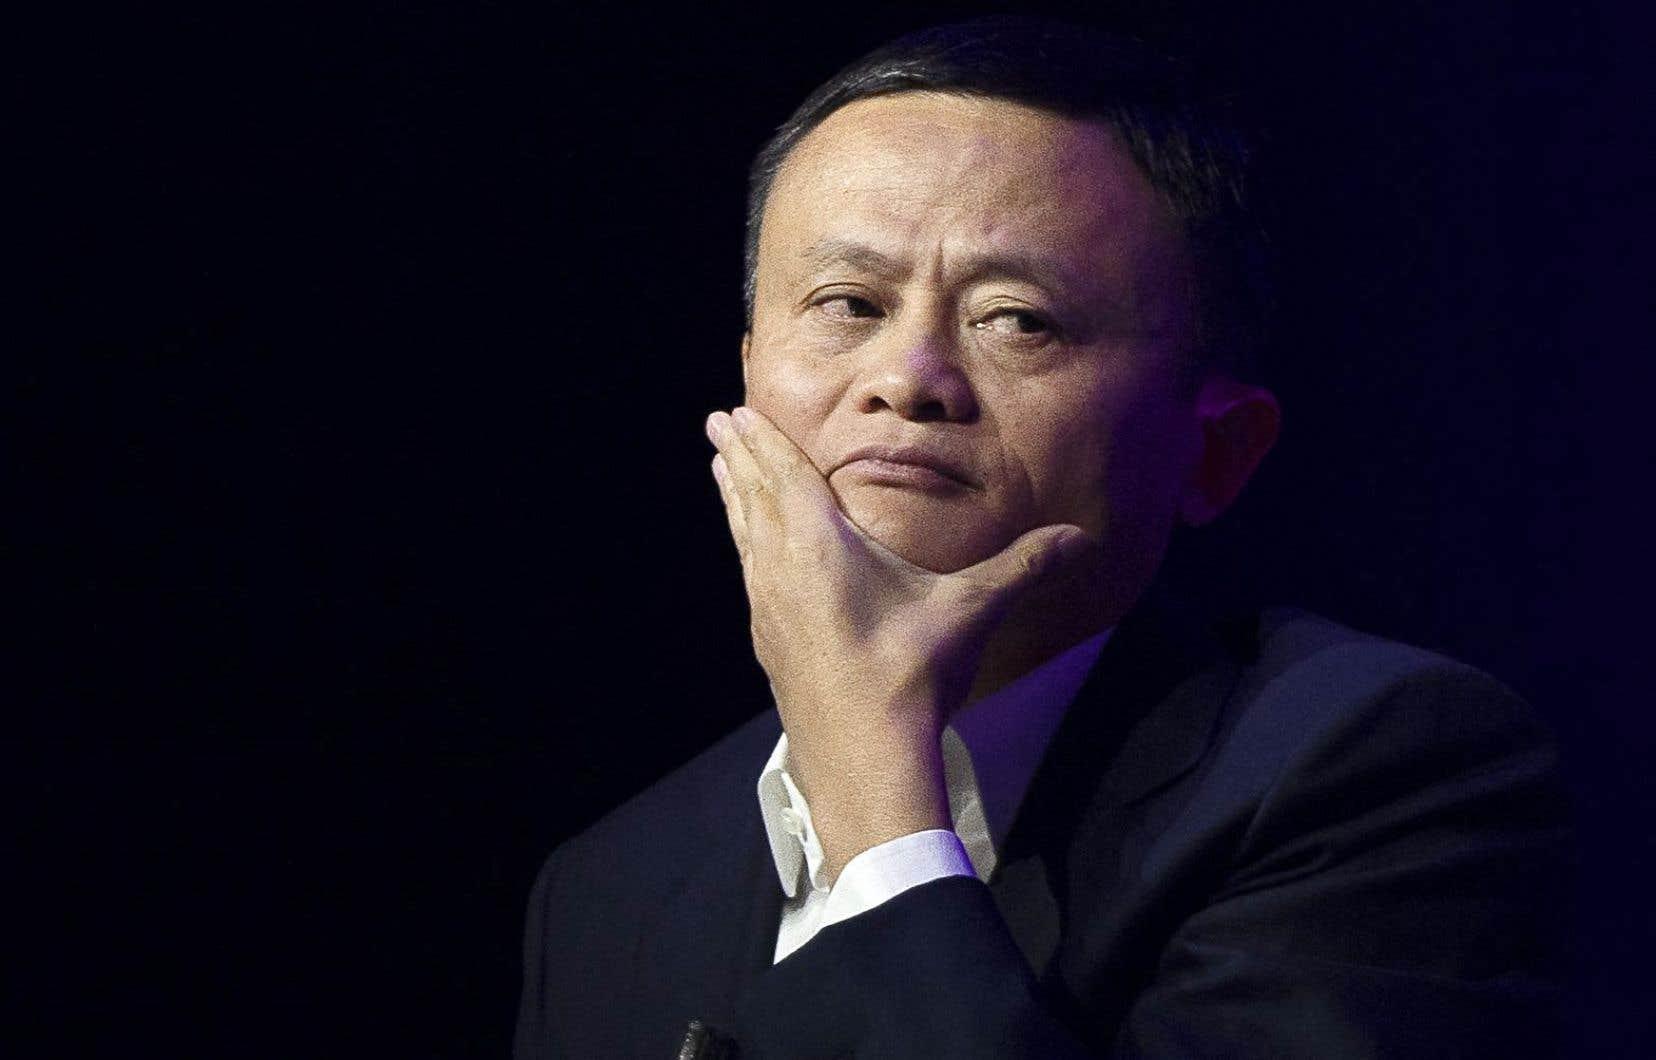 Le cofondateur d'Alibaba, Jack Ma, s'était heurté en 2020 au gouvernement chinois qui avait déclenché un torrent de mesures réglementaires pour contenir sa puissance.